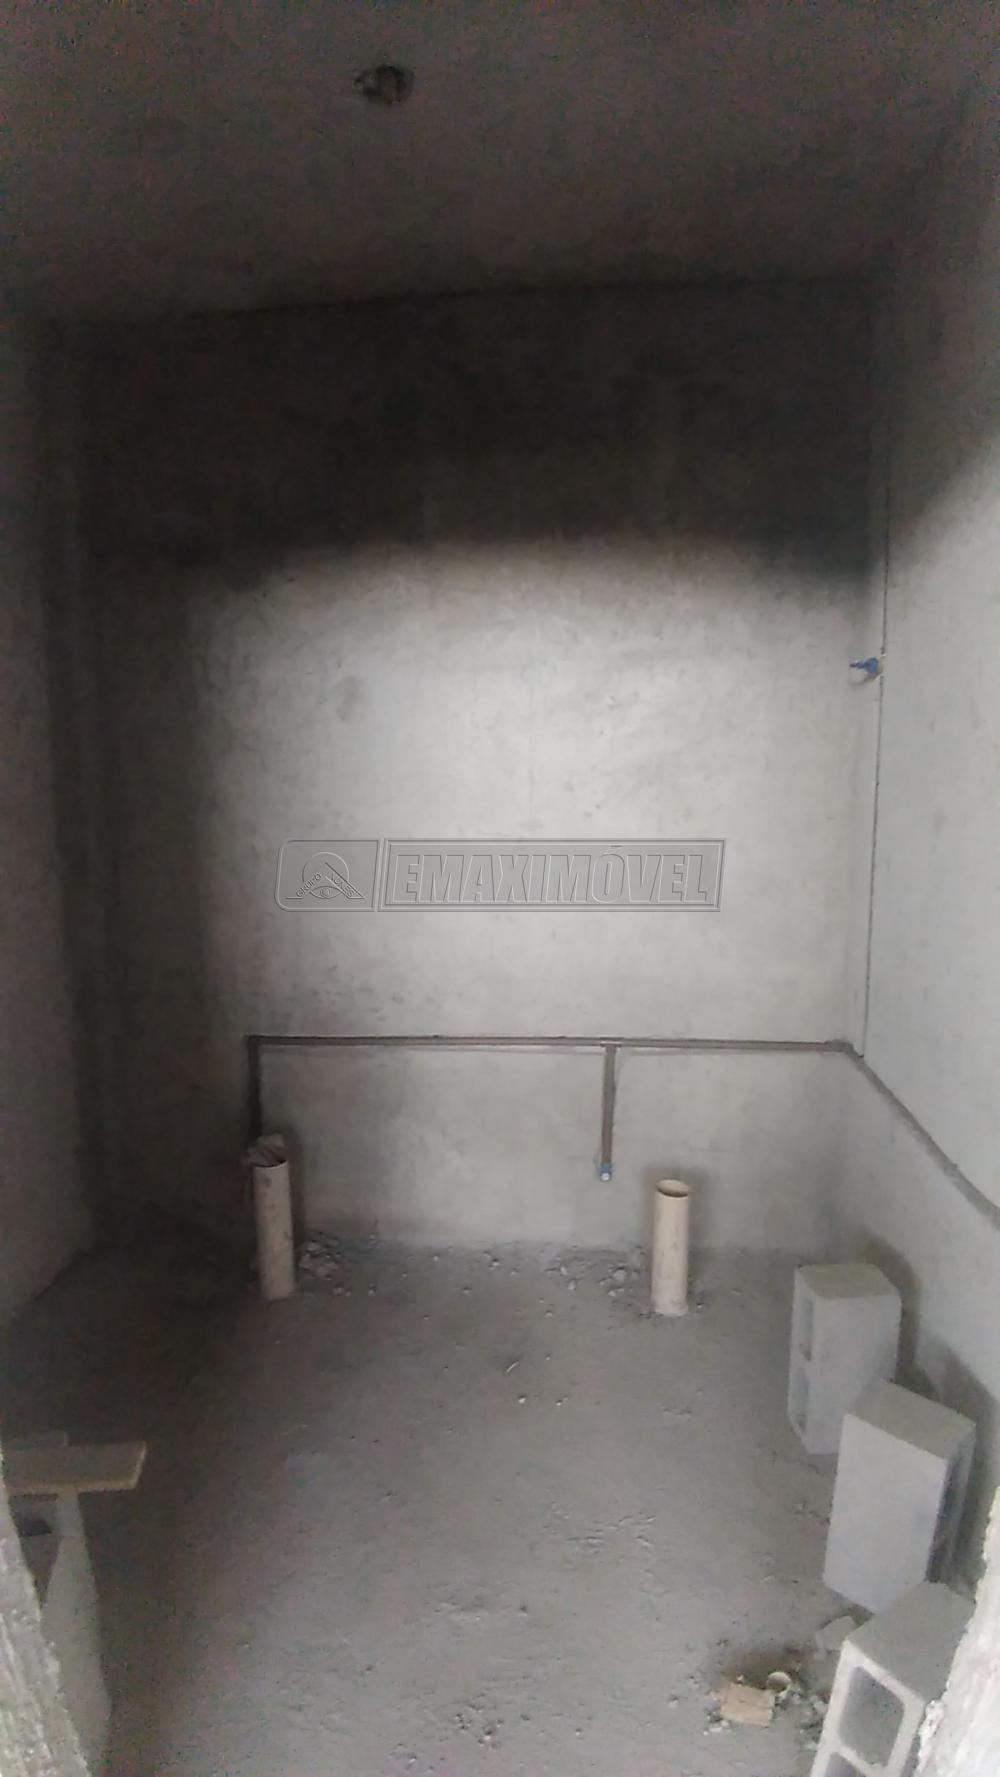 Alugar Galpão / em Bairro em Sorocaba R$ 4.500,00 - Foto 10